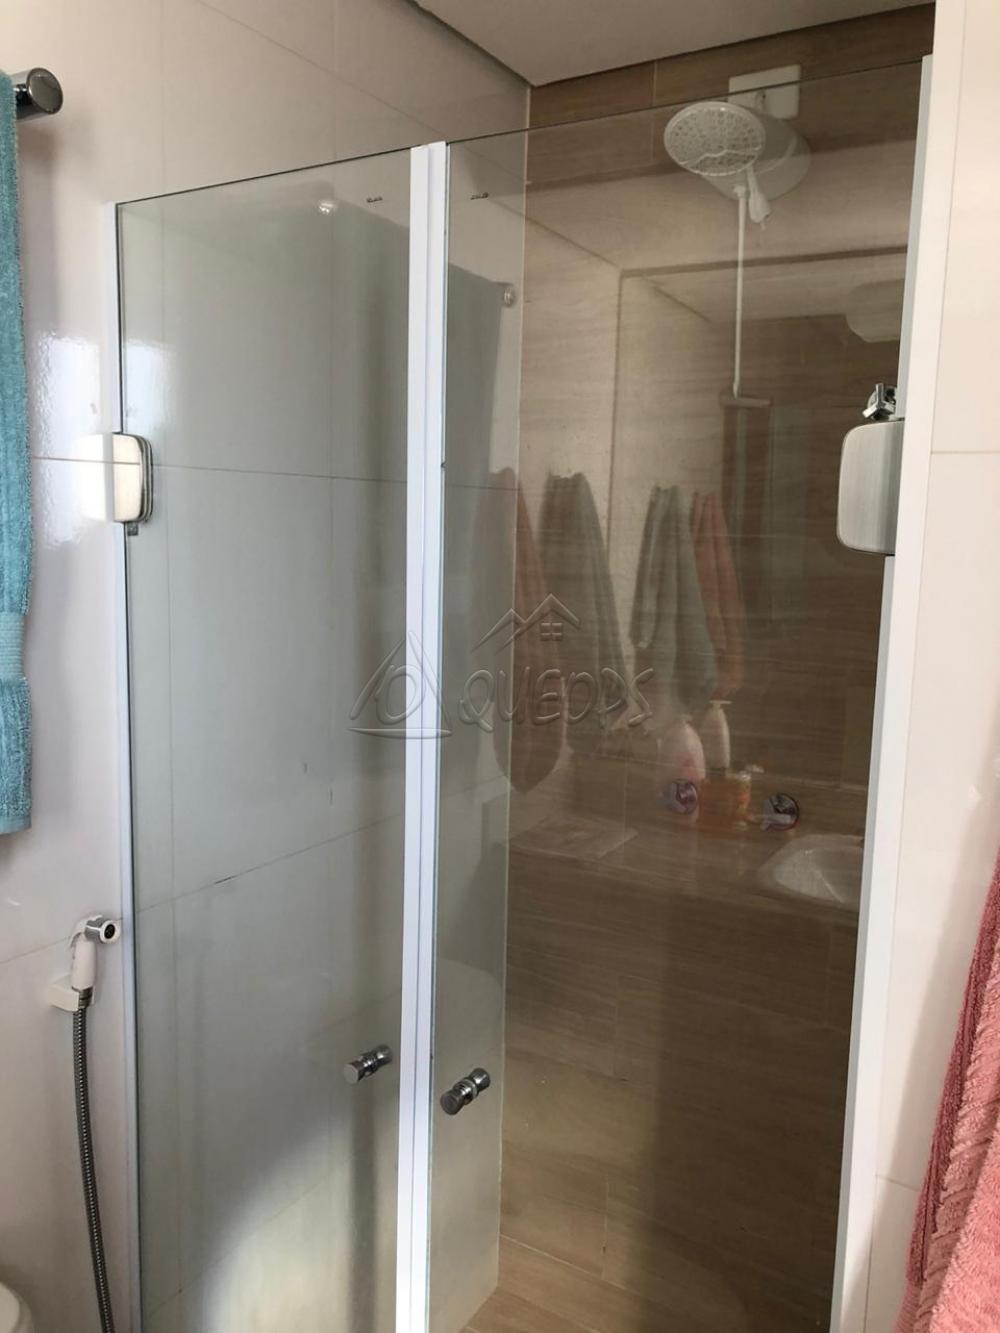 Comprar Apartamento / Padrão em Barretos apenas R$ 700.000,00 - Foto 18